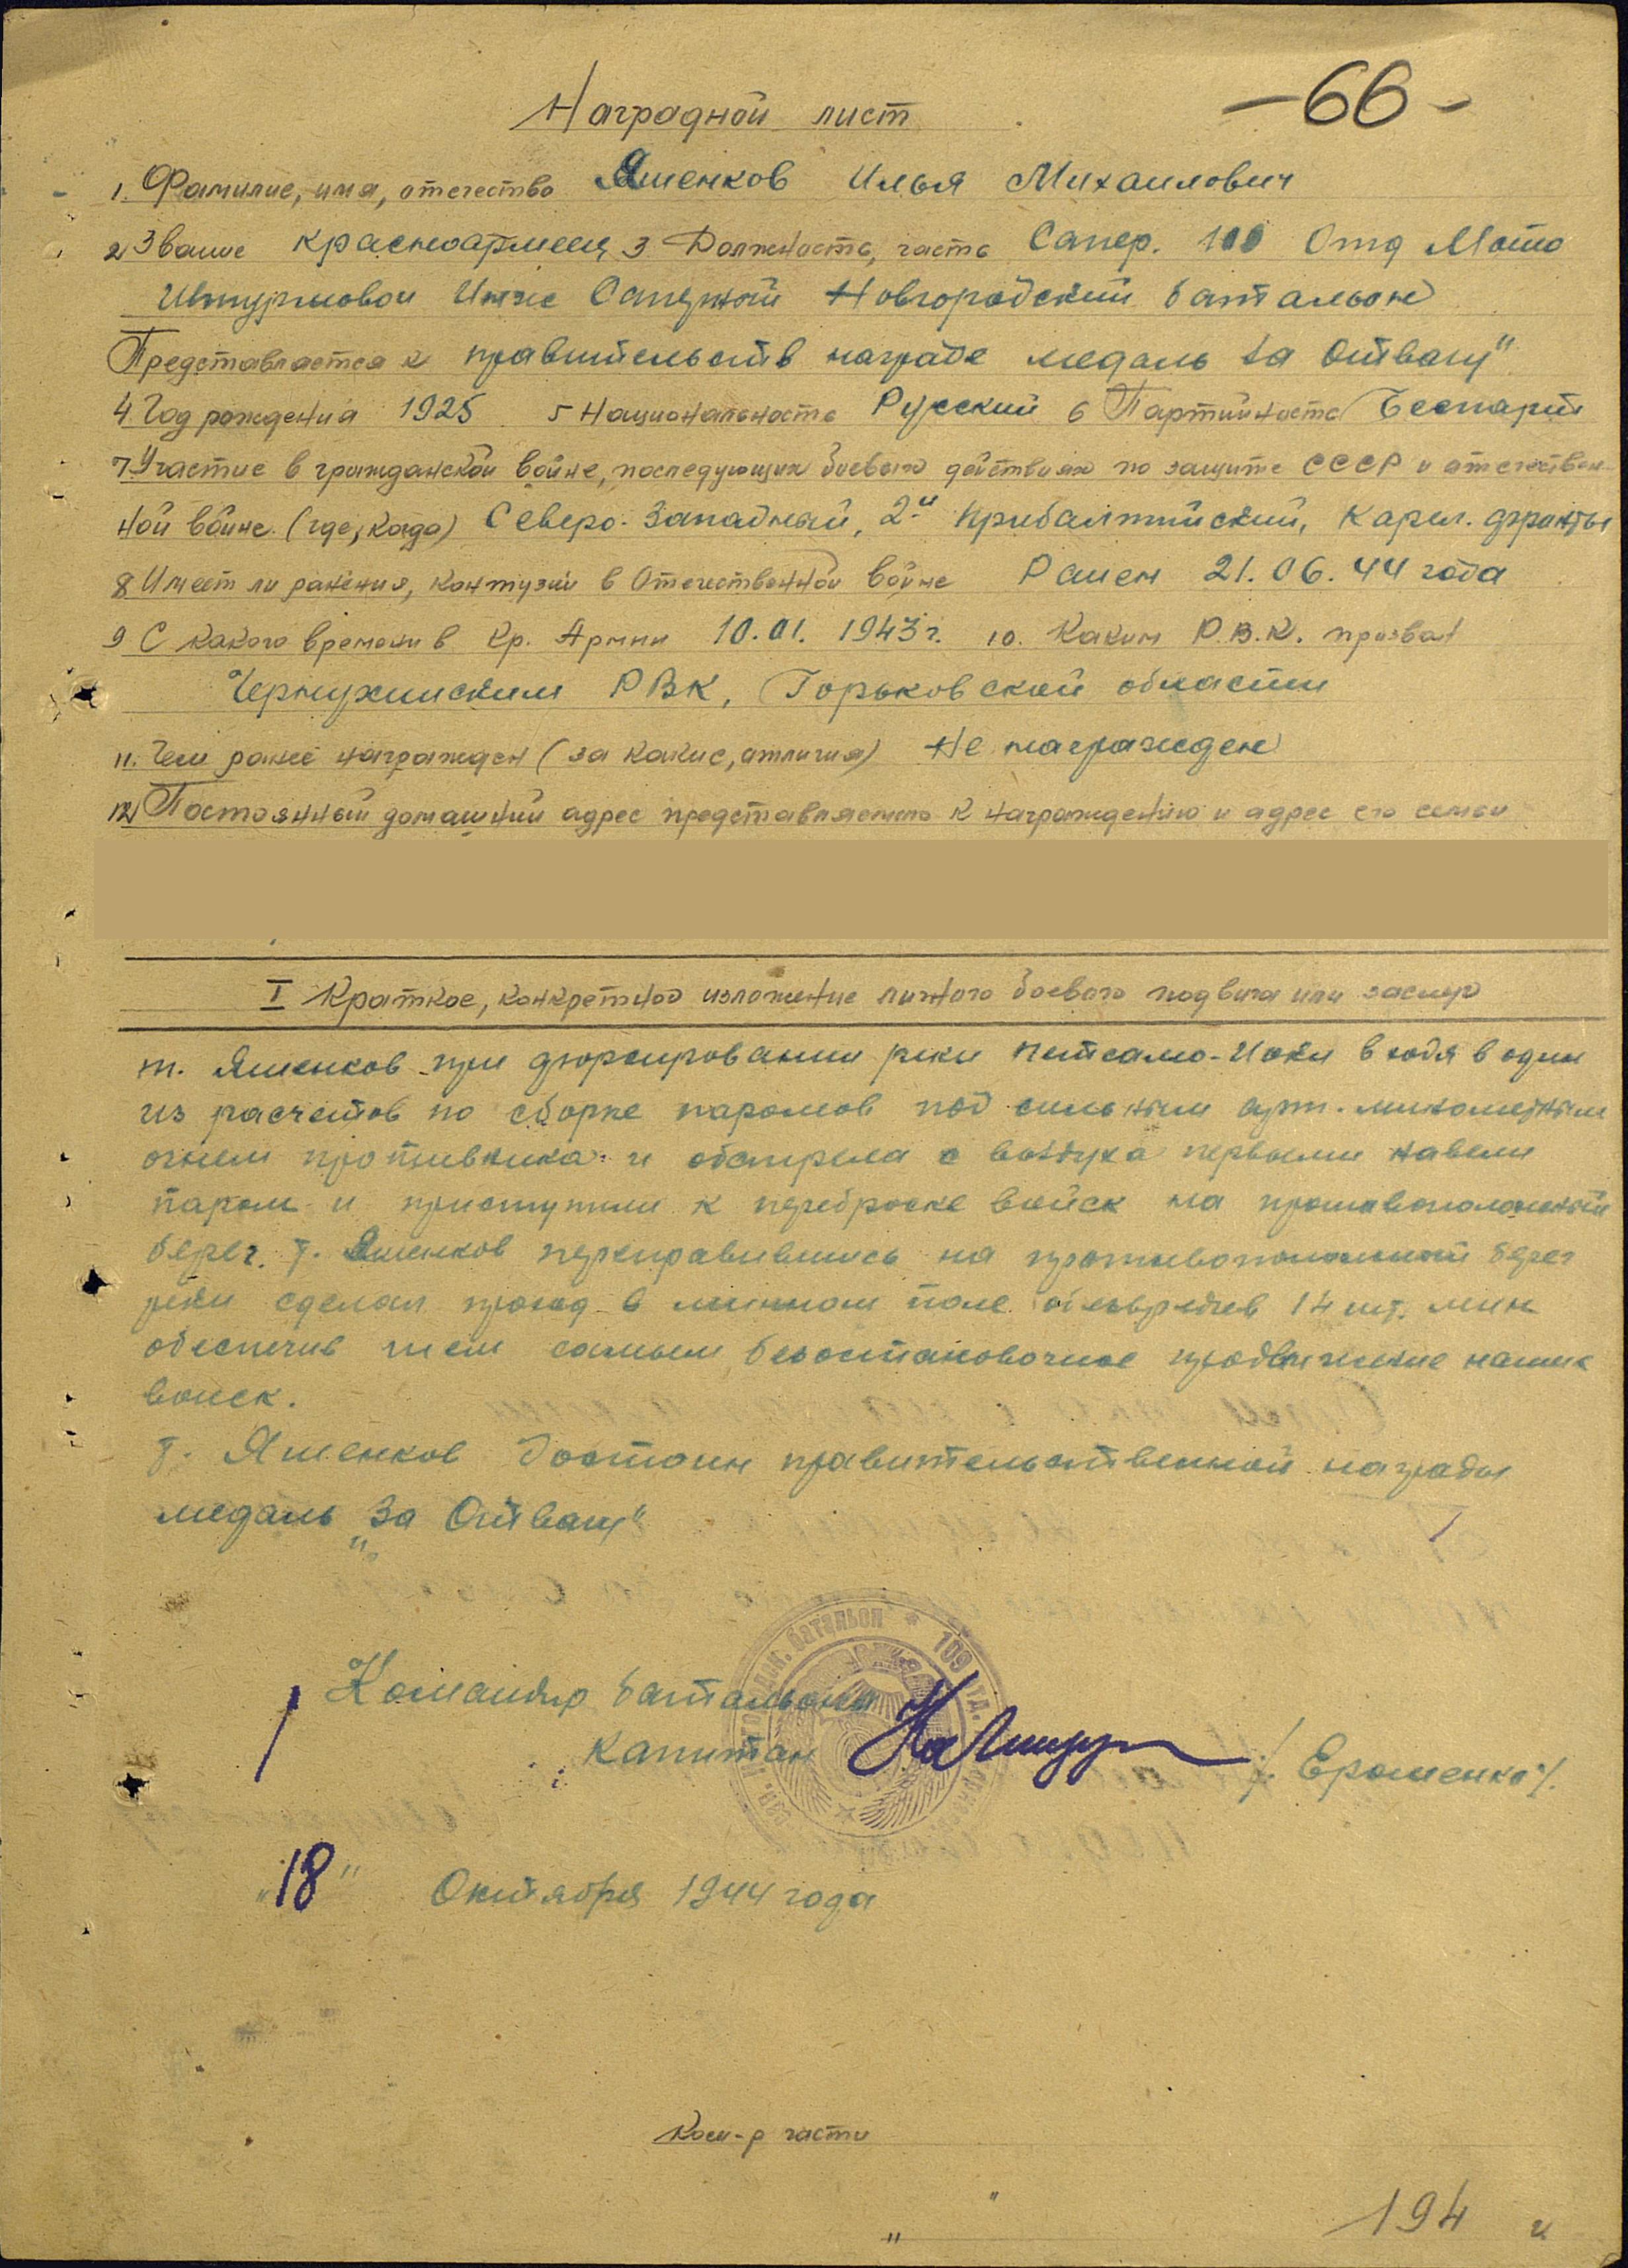 Наградной лист о награждении красноармейца Яшенкова Илью Михайловича медалью за Отвагу